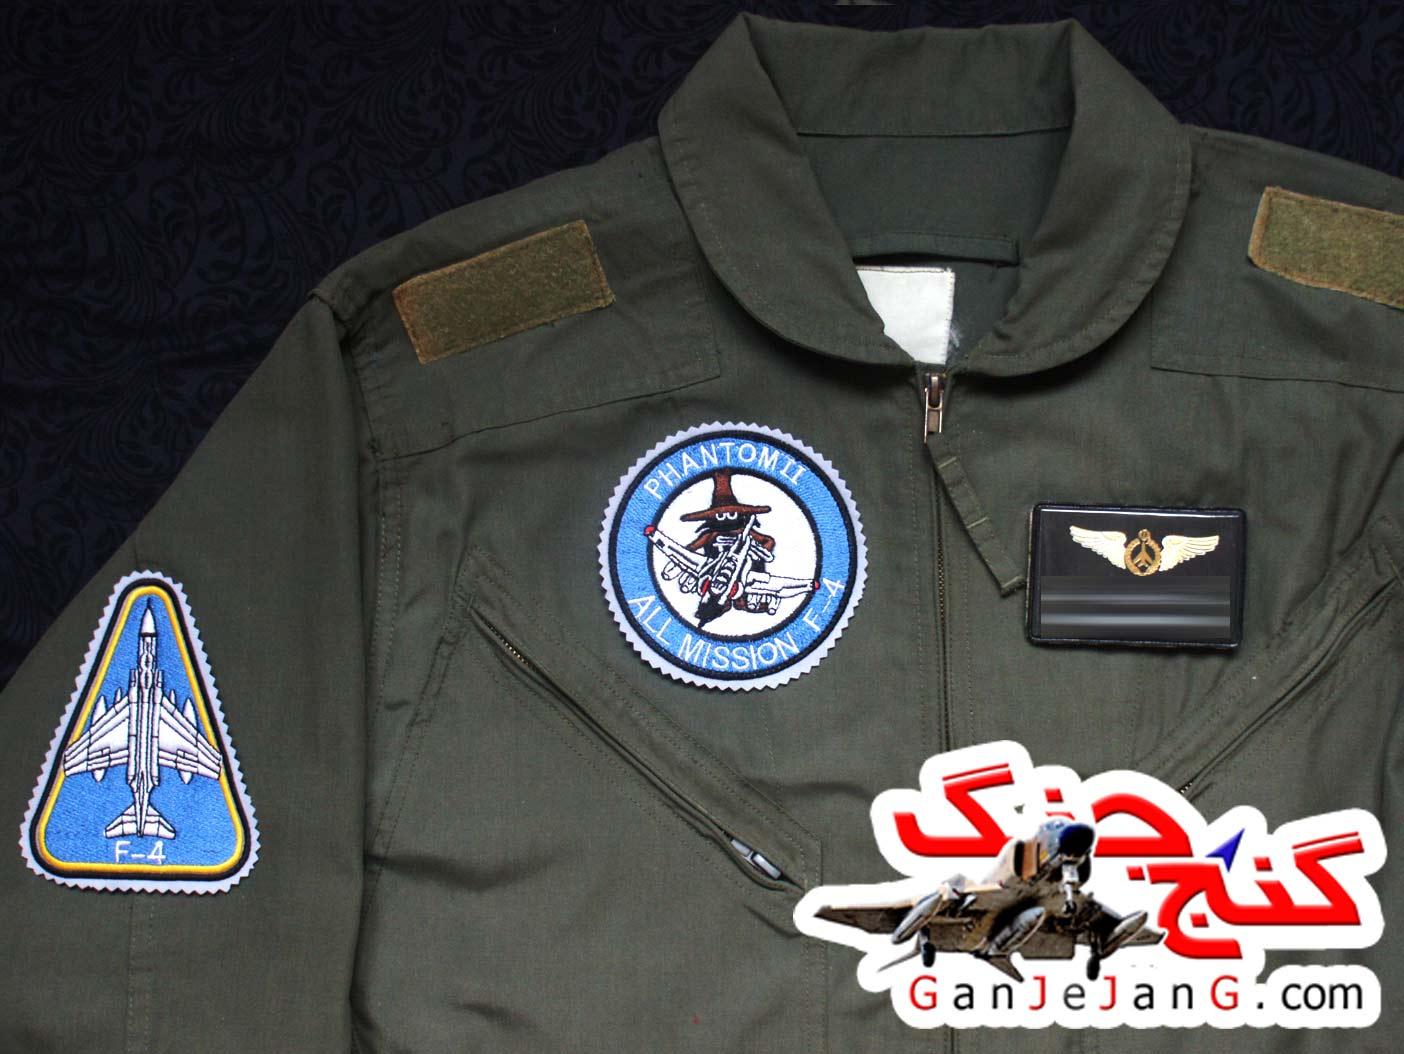 آرم سینه تمام دوخت خلبان لیدر چهارم اف-4 فانتوم